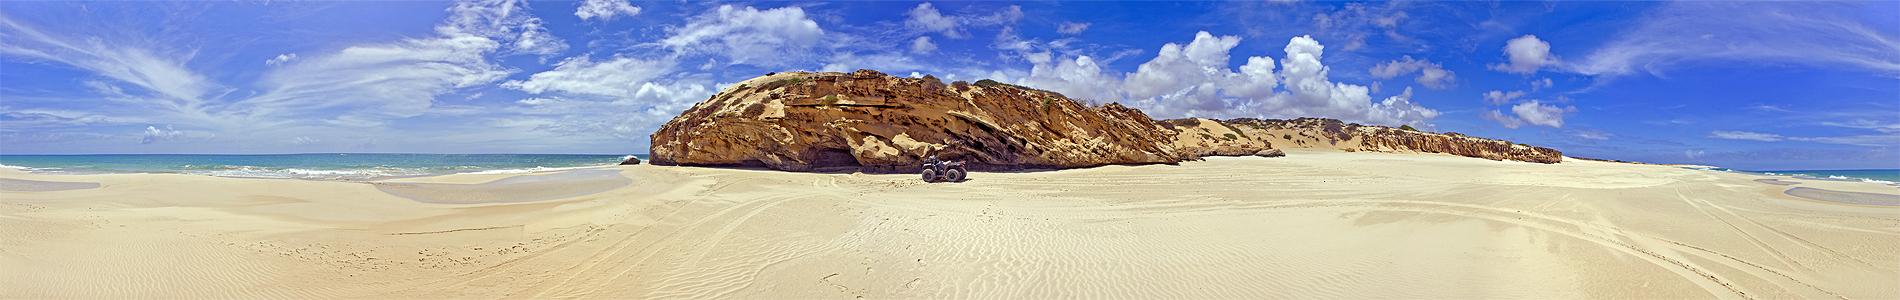 Praia Varandinho by YannisZA